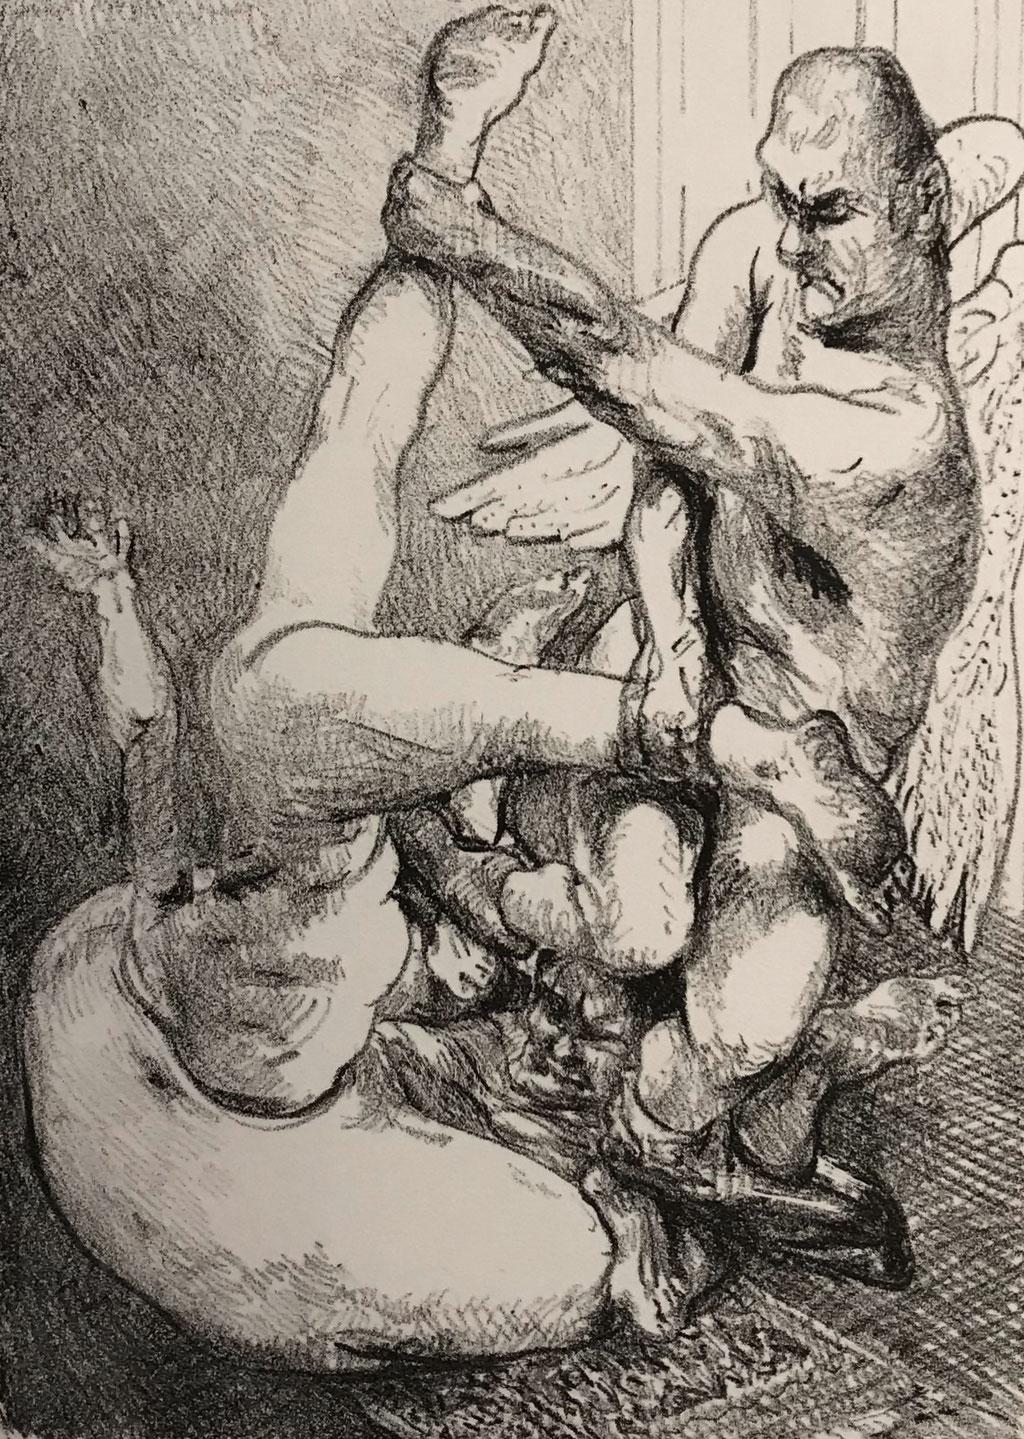 Johannes Grützkr: *Der himmlische Bohrer*, 1977, Lithografie mit Kreide, 17,8 x 12 cm (Motiv) auf 26,1 x 33 cm, Auflage 25 und 10 Ex. d'Artiste